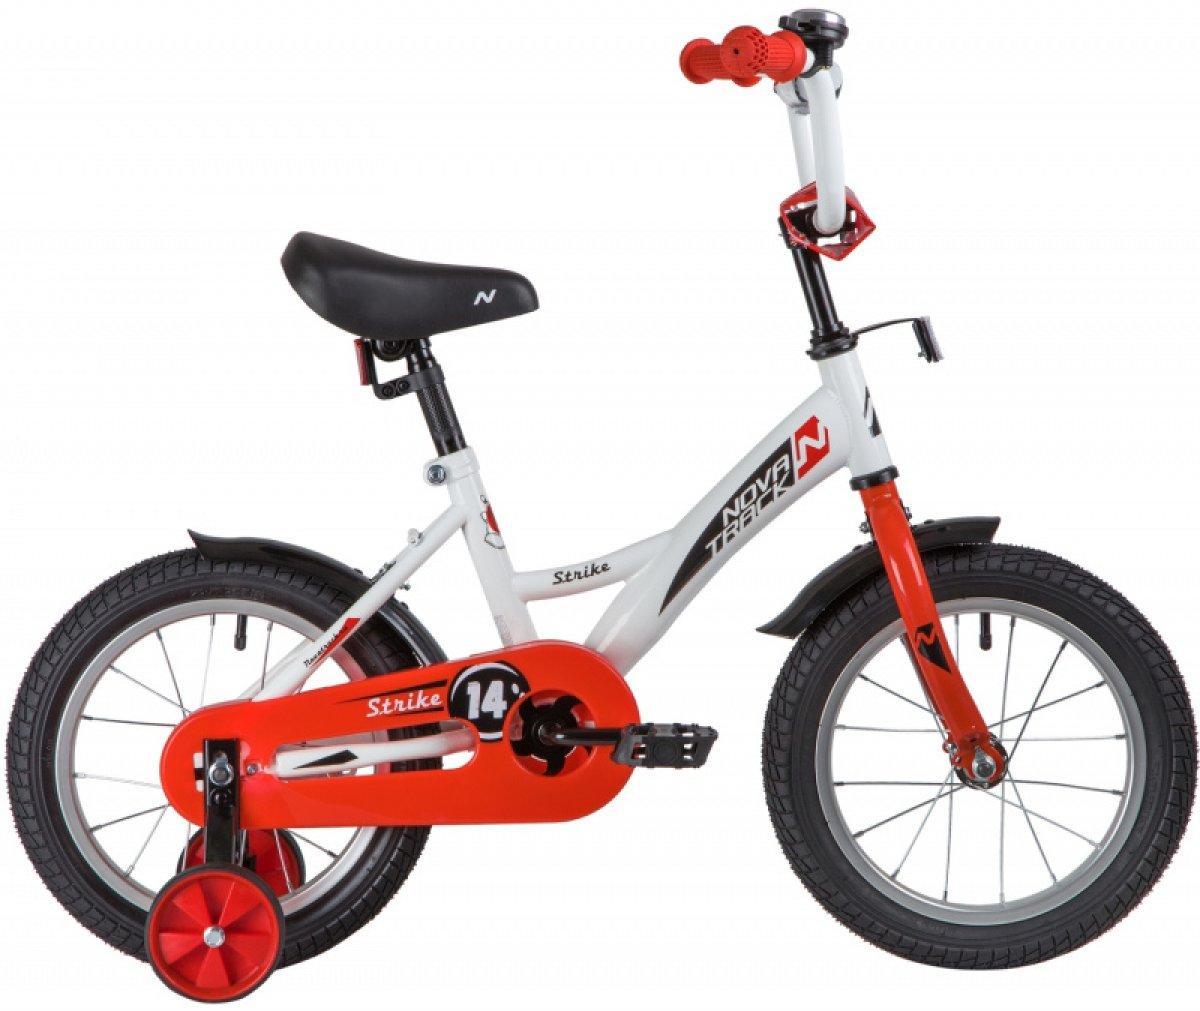 Детский велосипед Novatrack Strike 14 (2020), белый/красный